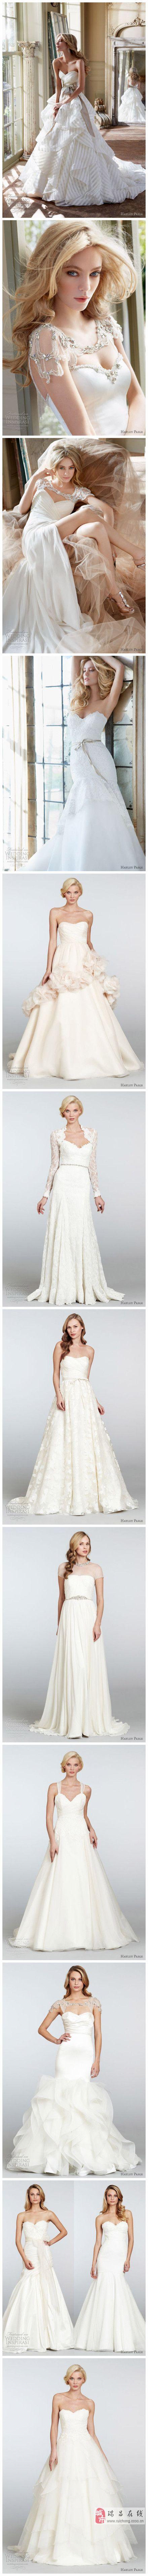 2013春季婚新款系列